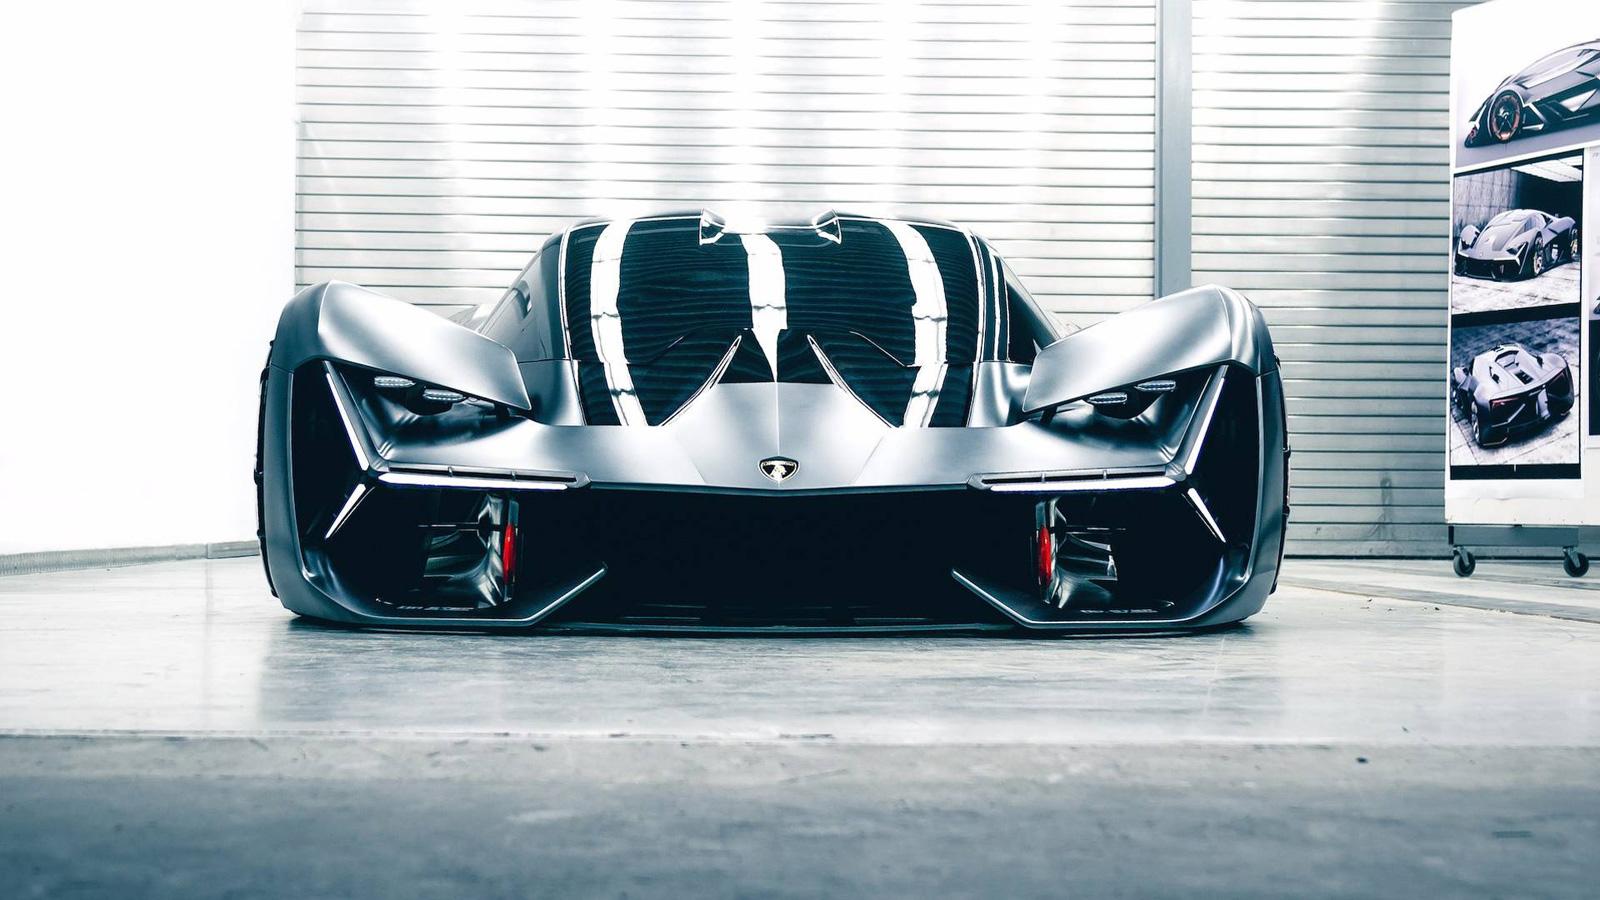 Vi-sao-Lamborghini-chua-tung-ra-sieu-xe-dien-anh-4